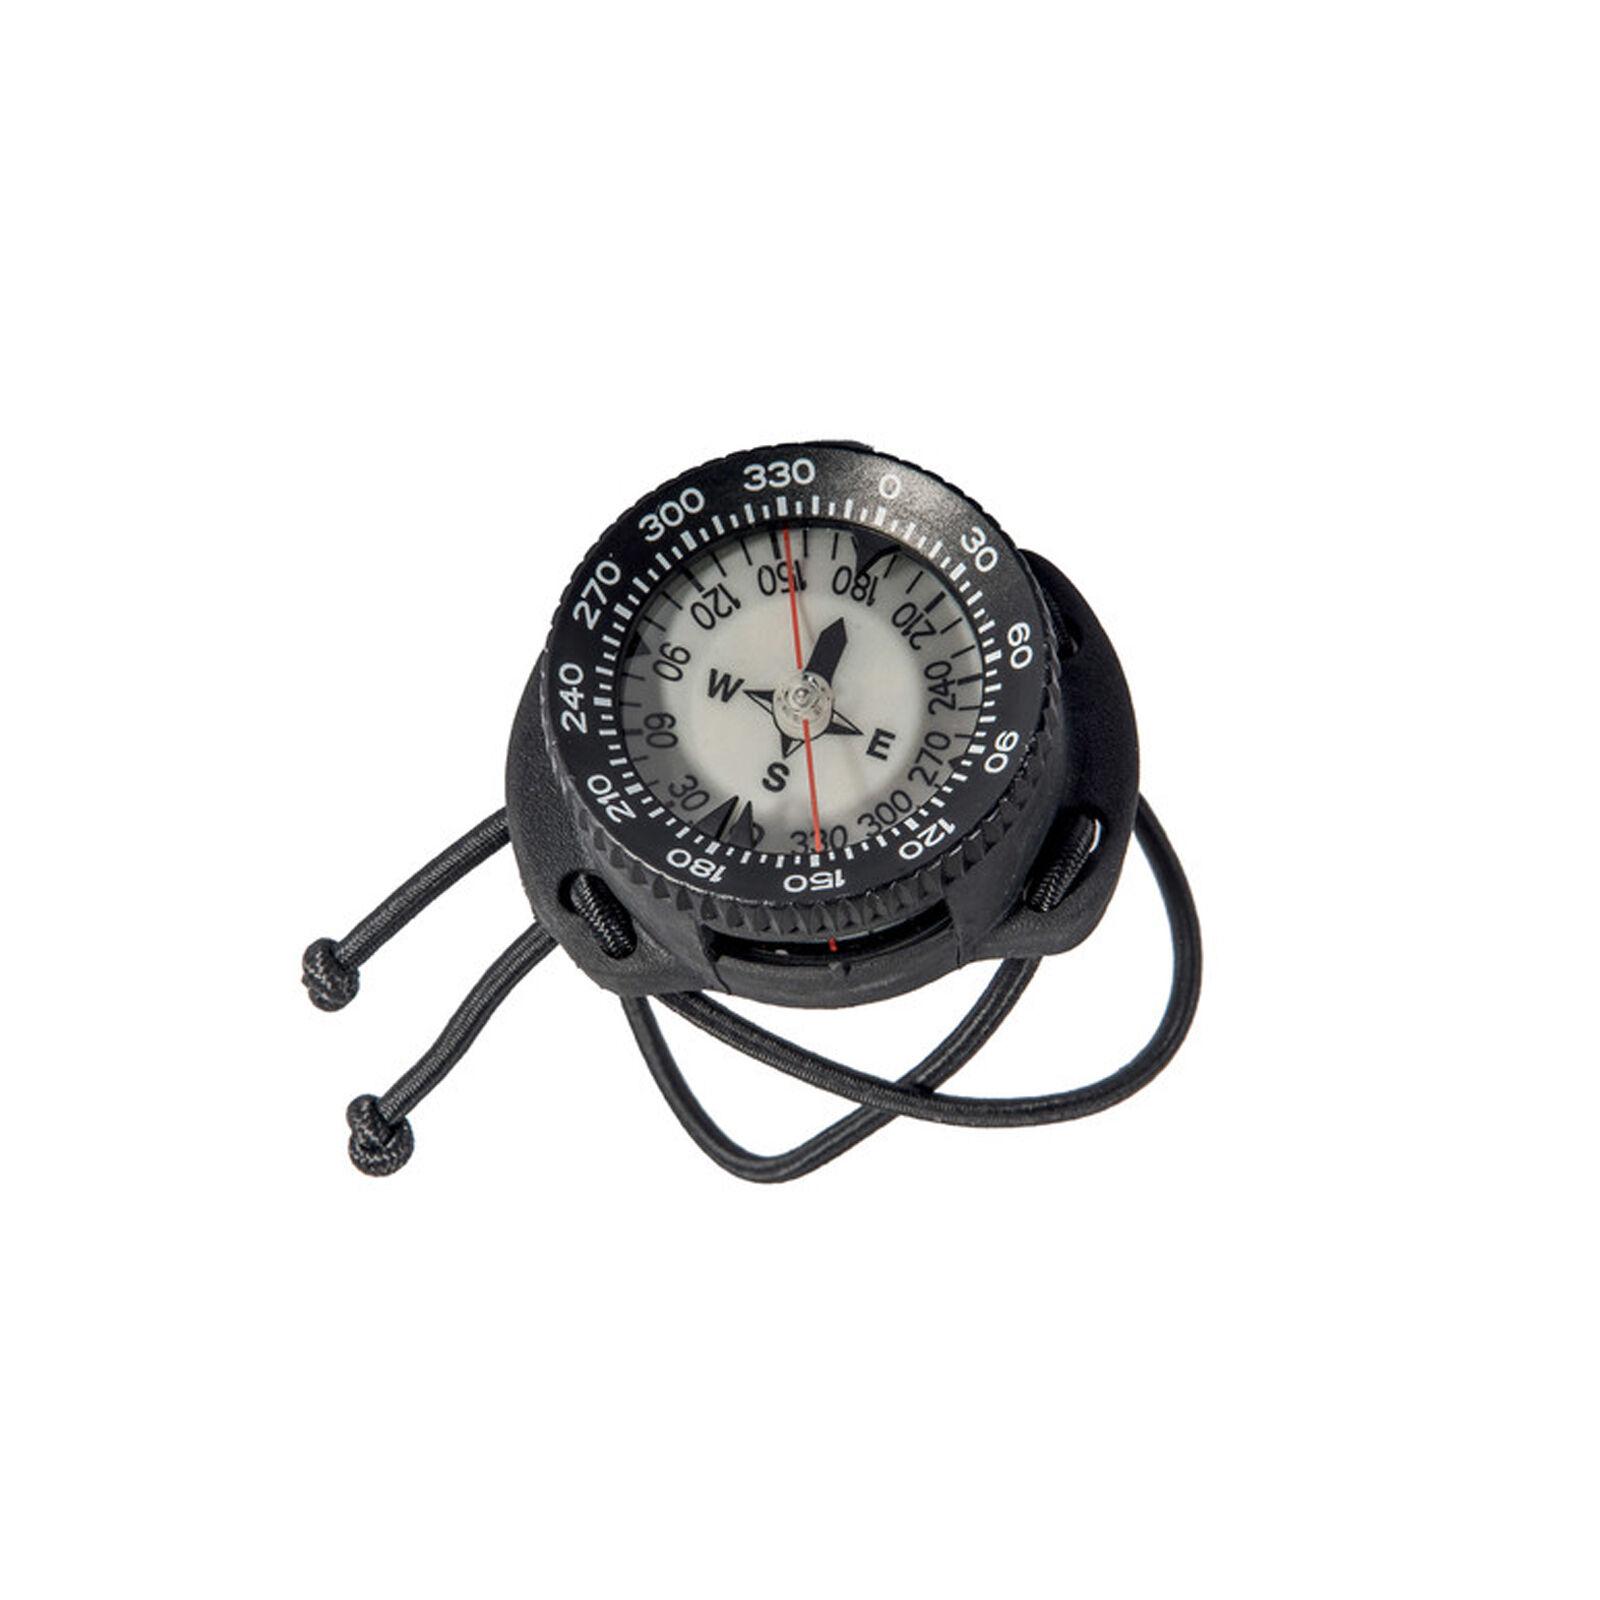 Mares Kompass Bungee Bungee Bungee XR - Handkompass 5dd191